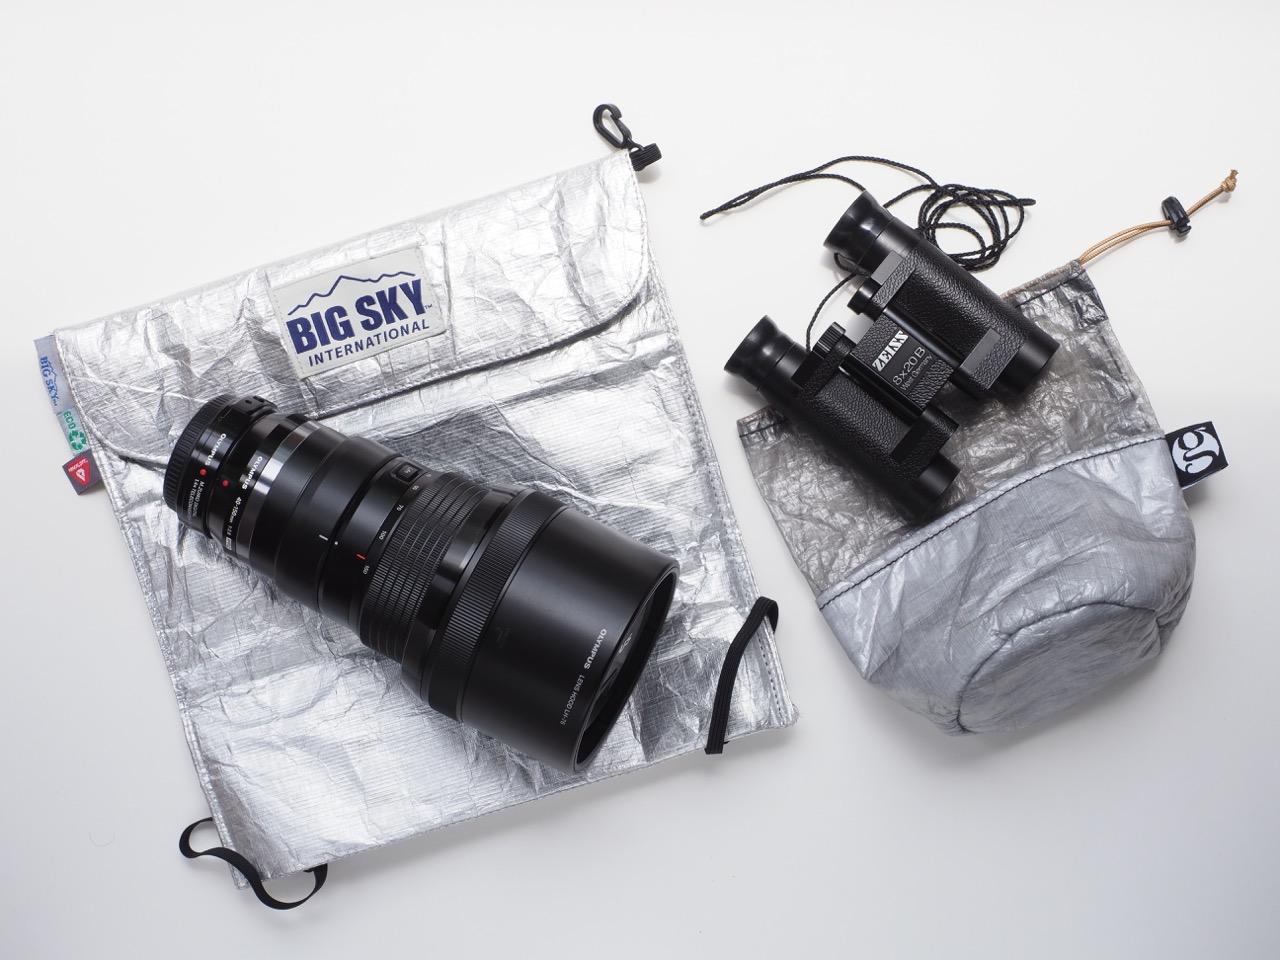 軽く上質な精密機器用の保護バッグ